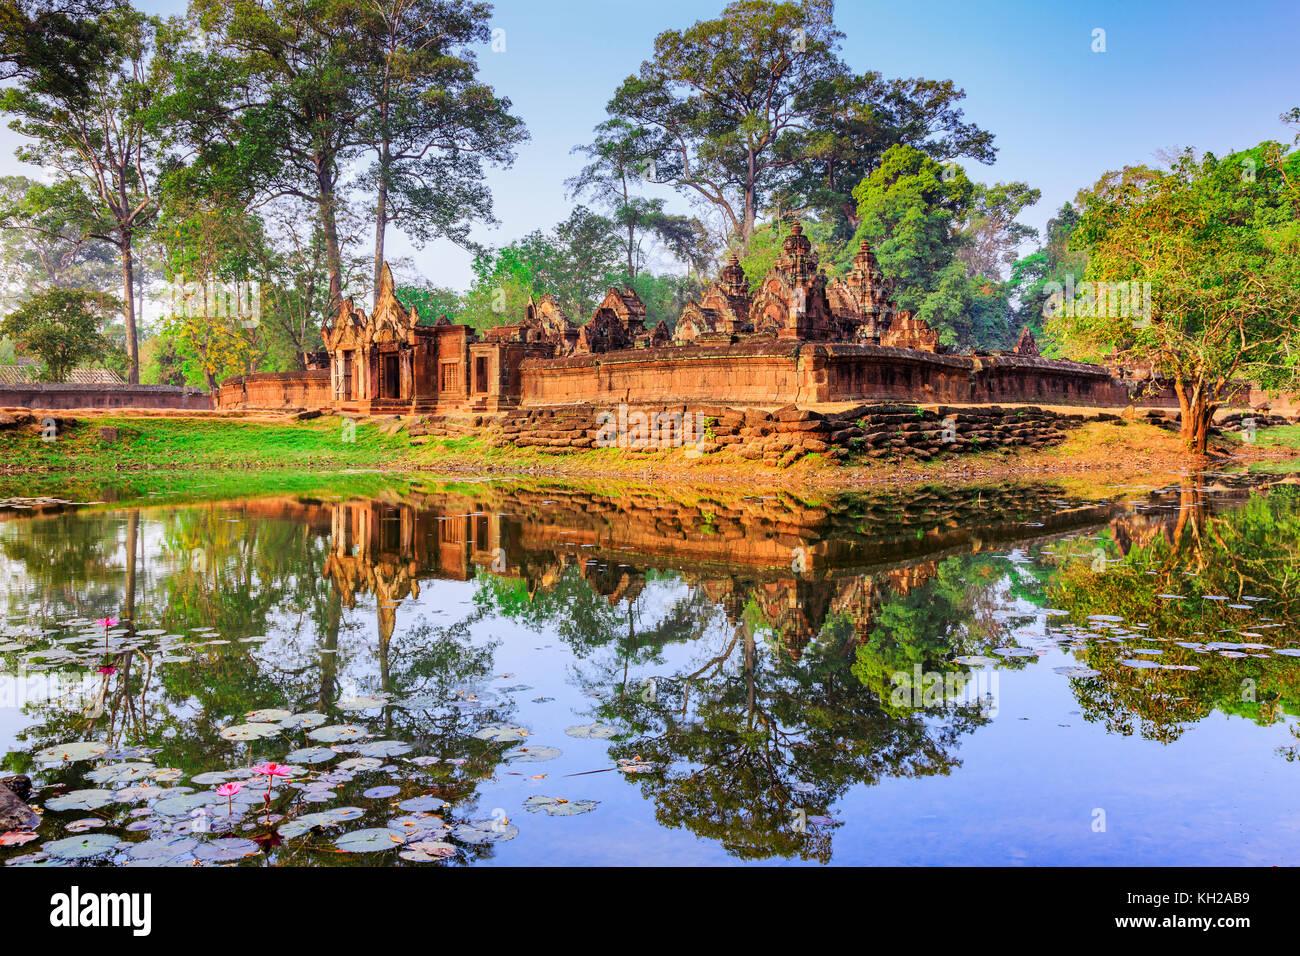 Angkor, en Camboya. Banteay Srei (Ciudadela) Templo de la mujer. Imagen De Stock